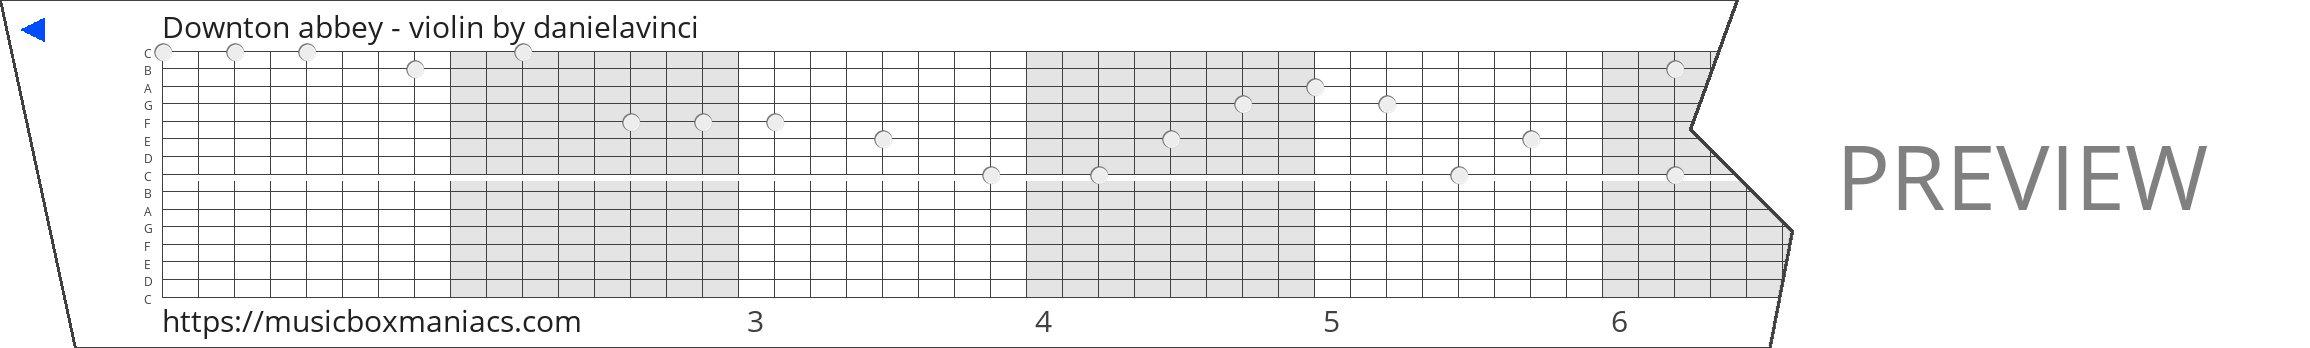 Downton abbey - violin 15 note music box paper strip